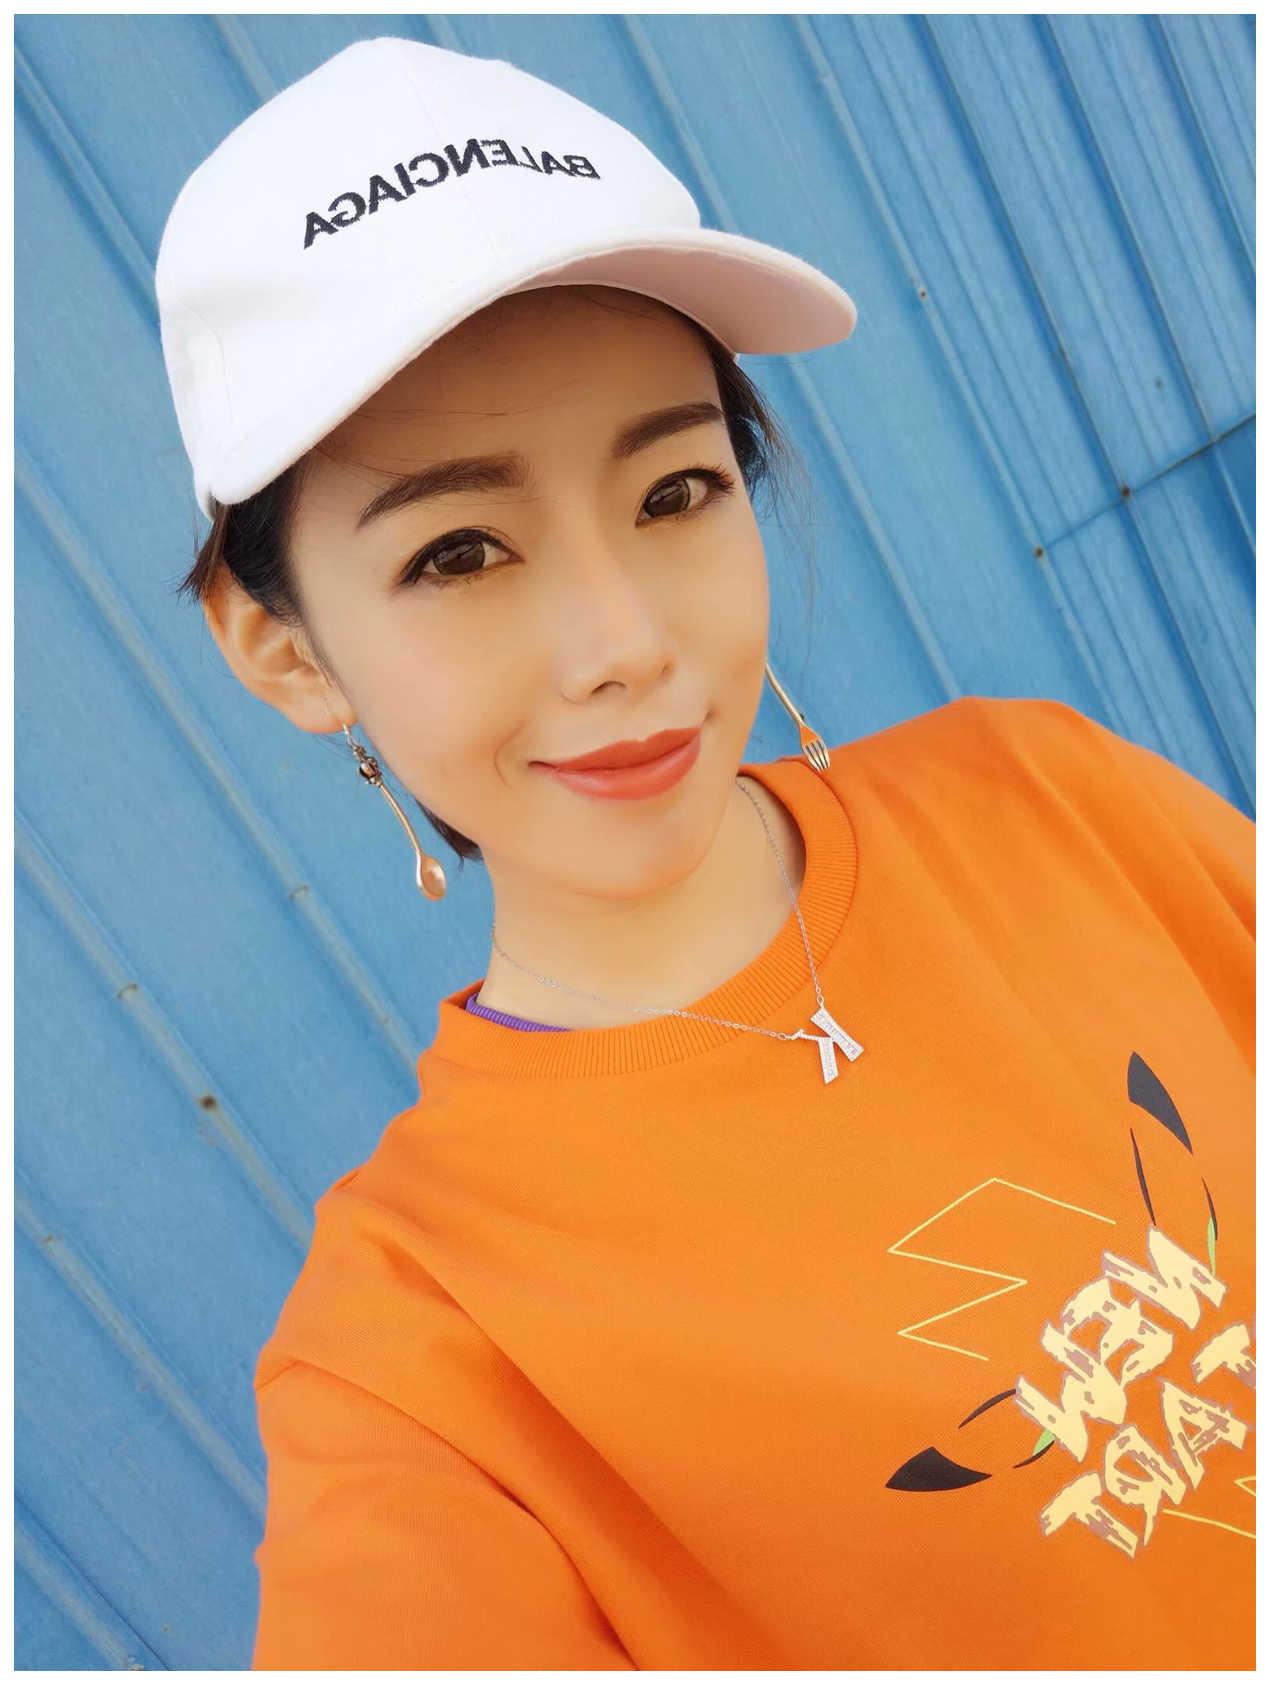 Thời Trang Mới Dang Tai Giọt Dành Cho Nữ Hợp Kim Bông Tai Kẹp Vintage Thìa Dĩa Bông Tai D'oreille Trang Sức Cổ Đại Mạ Bạc